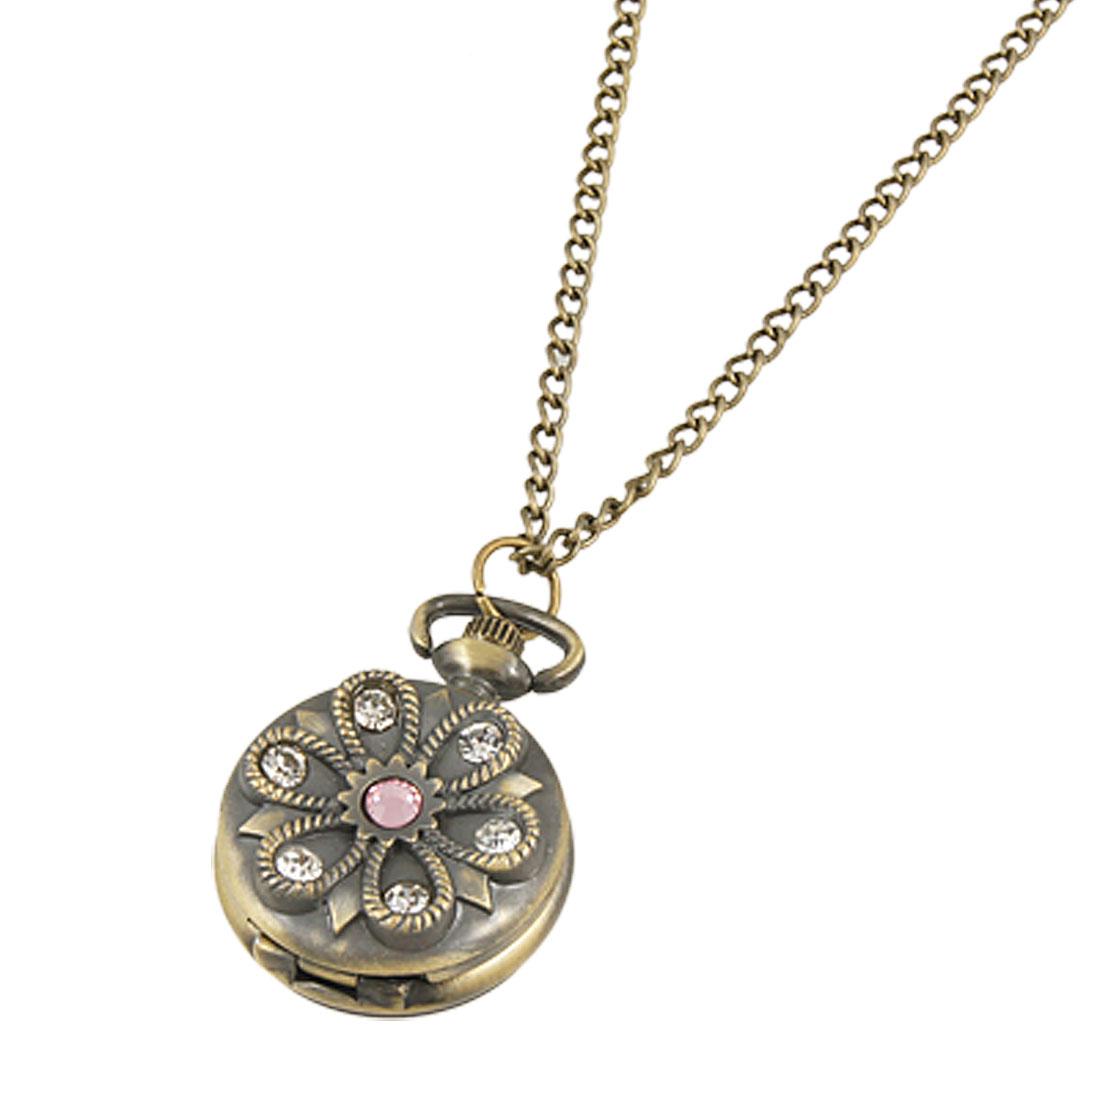 Rhinestone Detail Hunter Case Round Necklace Watch Bronze Tone